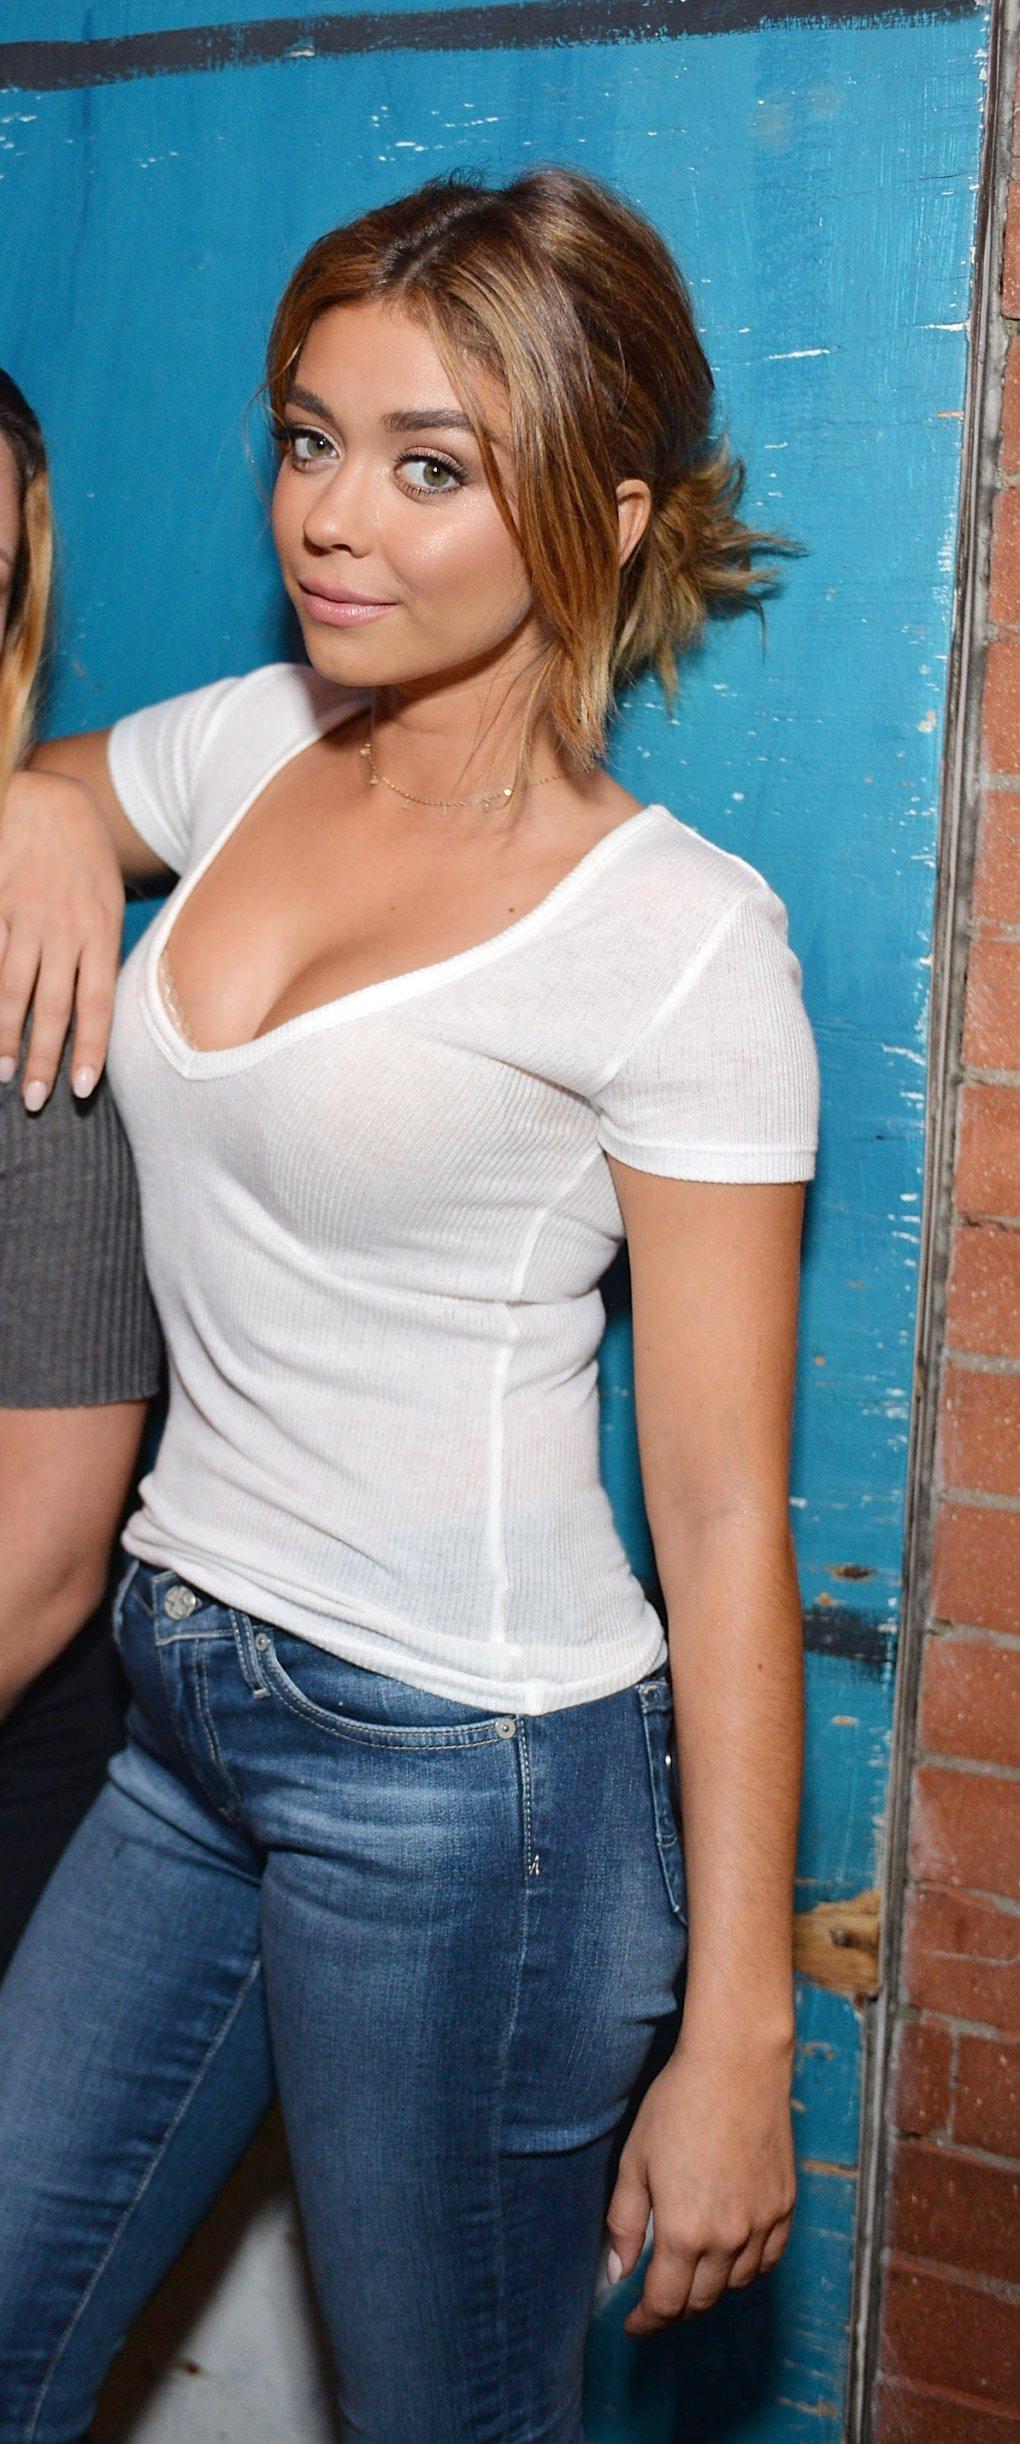 Sarah hyland hot photo